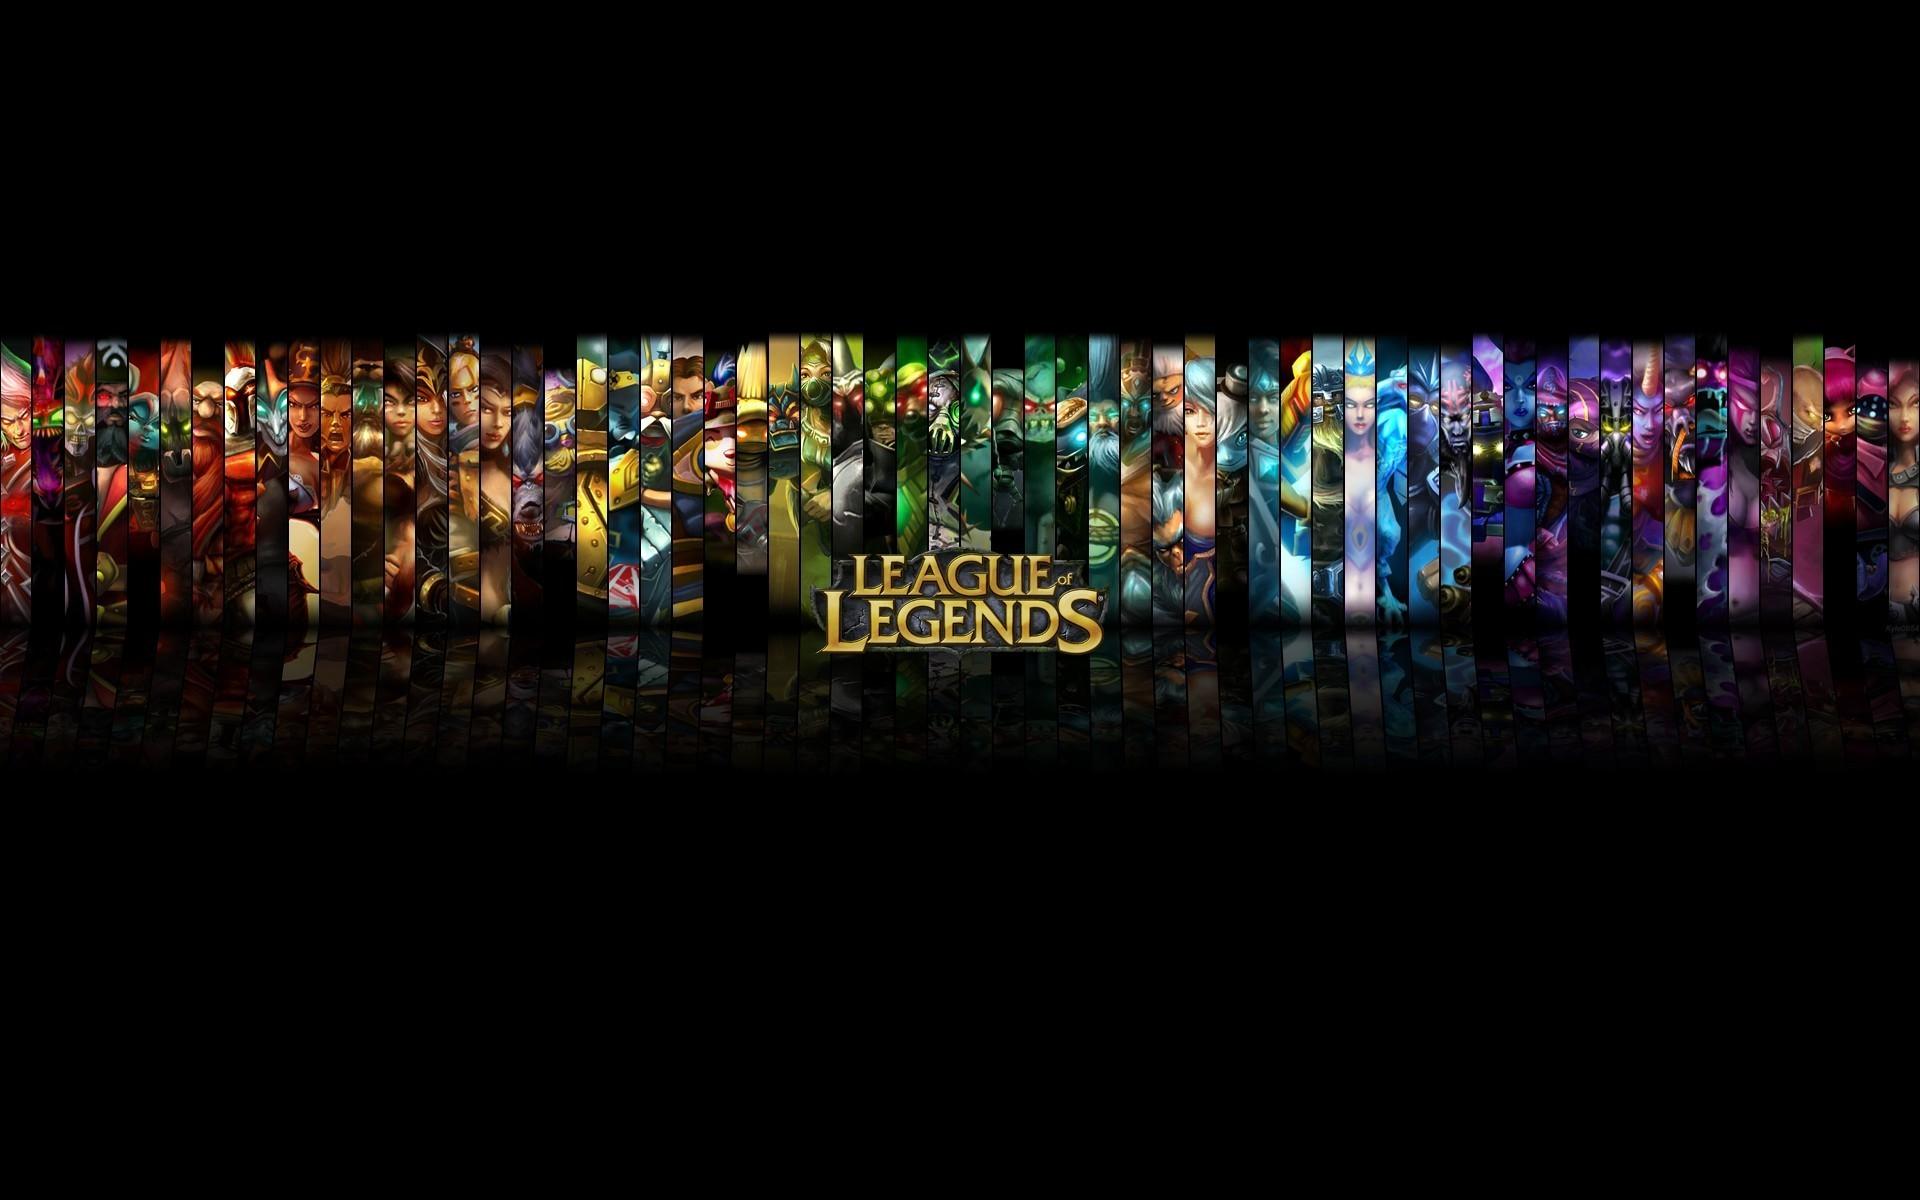 … League Of Legends Wallpaper Desktop I HD Images